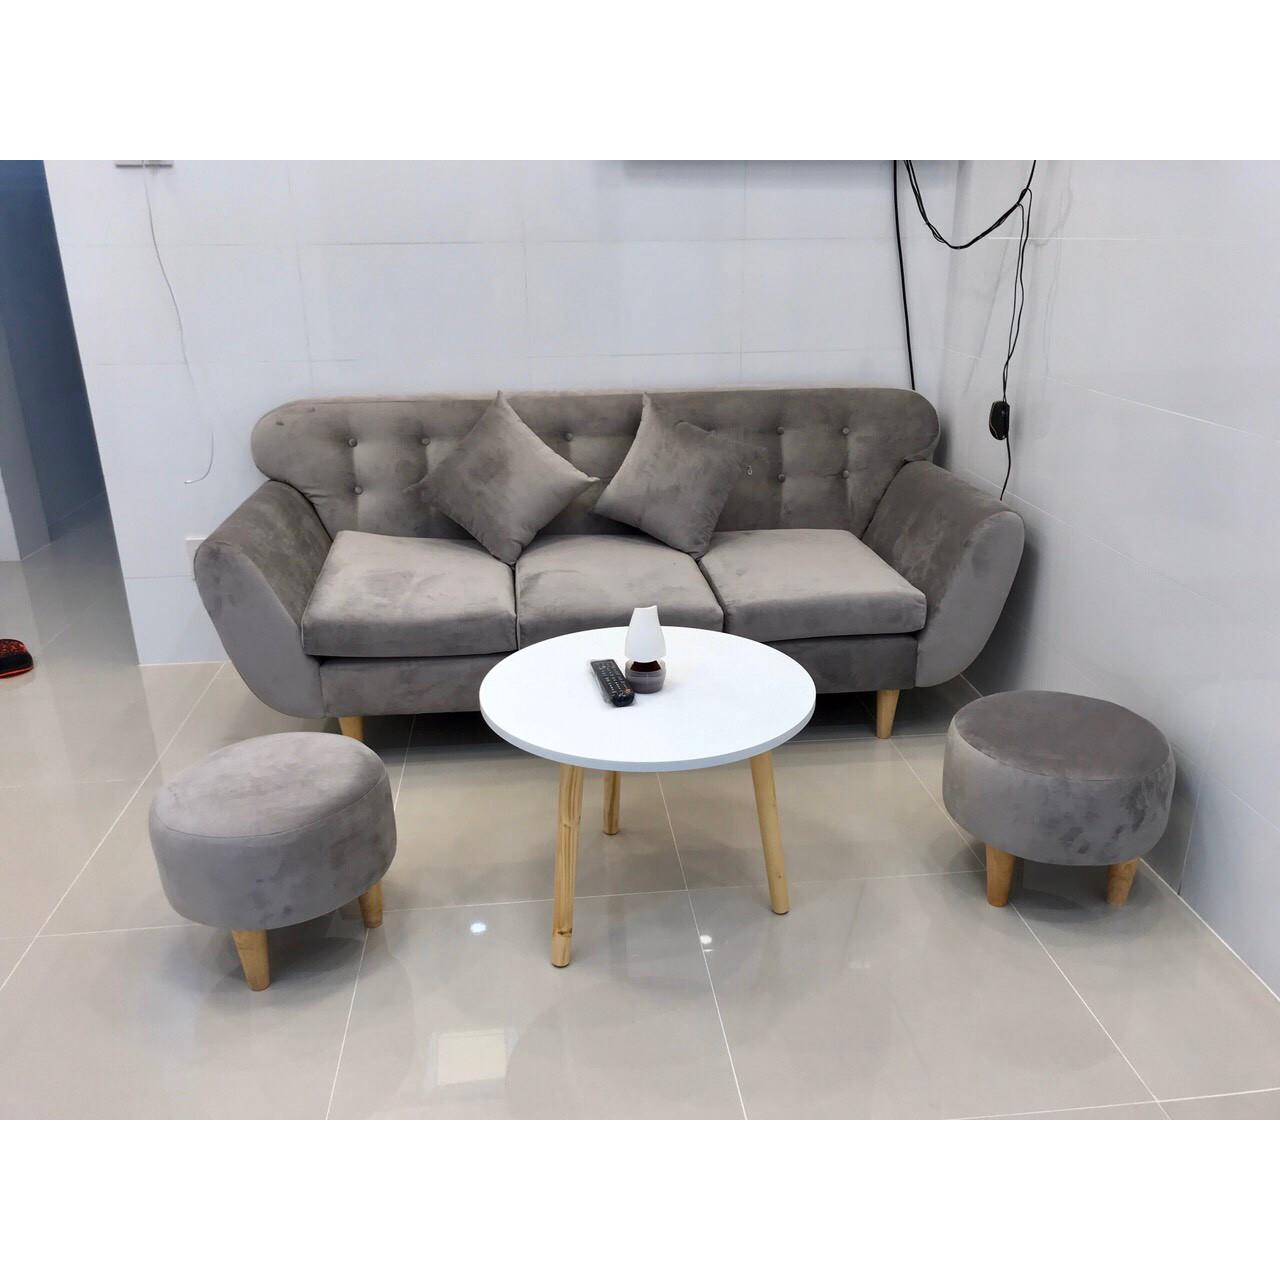 Bộ sofa băng xám trắng nhung PHKH7